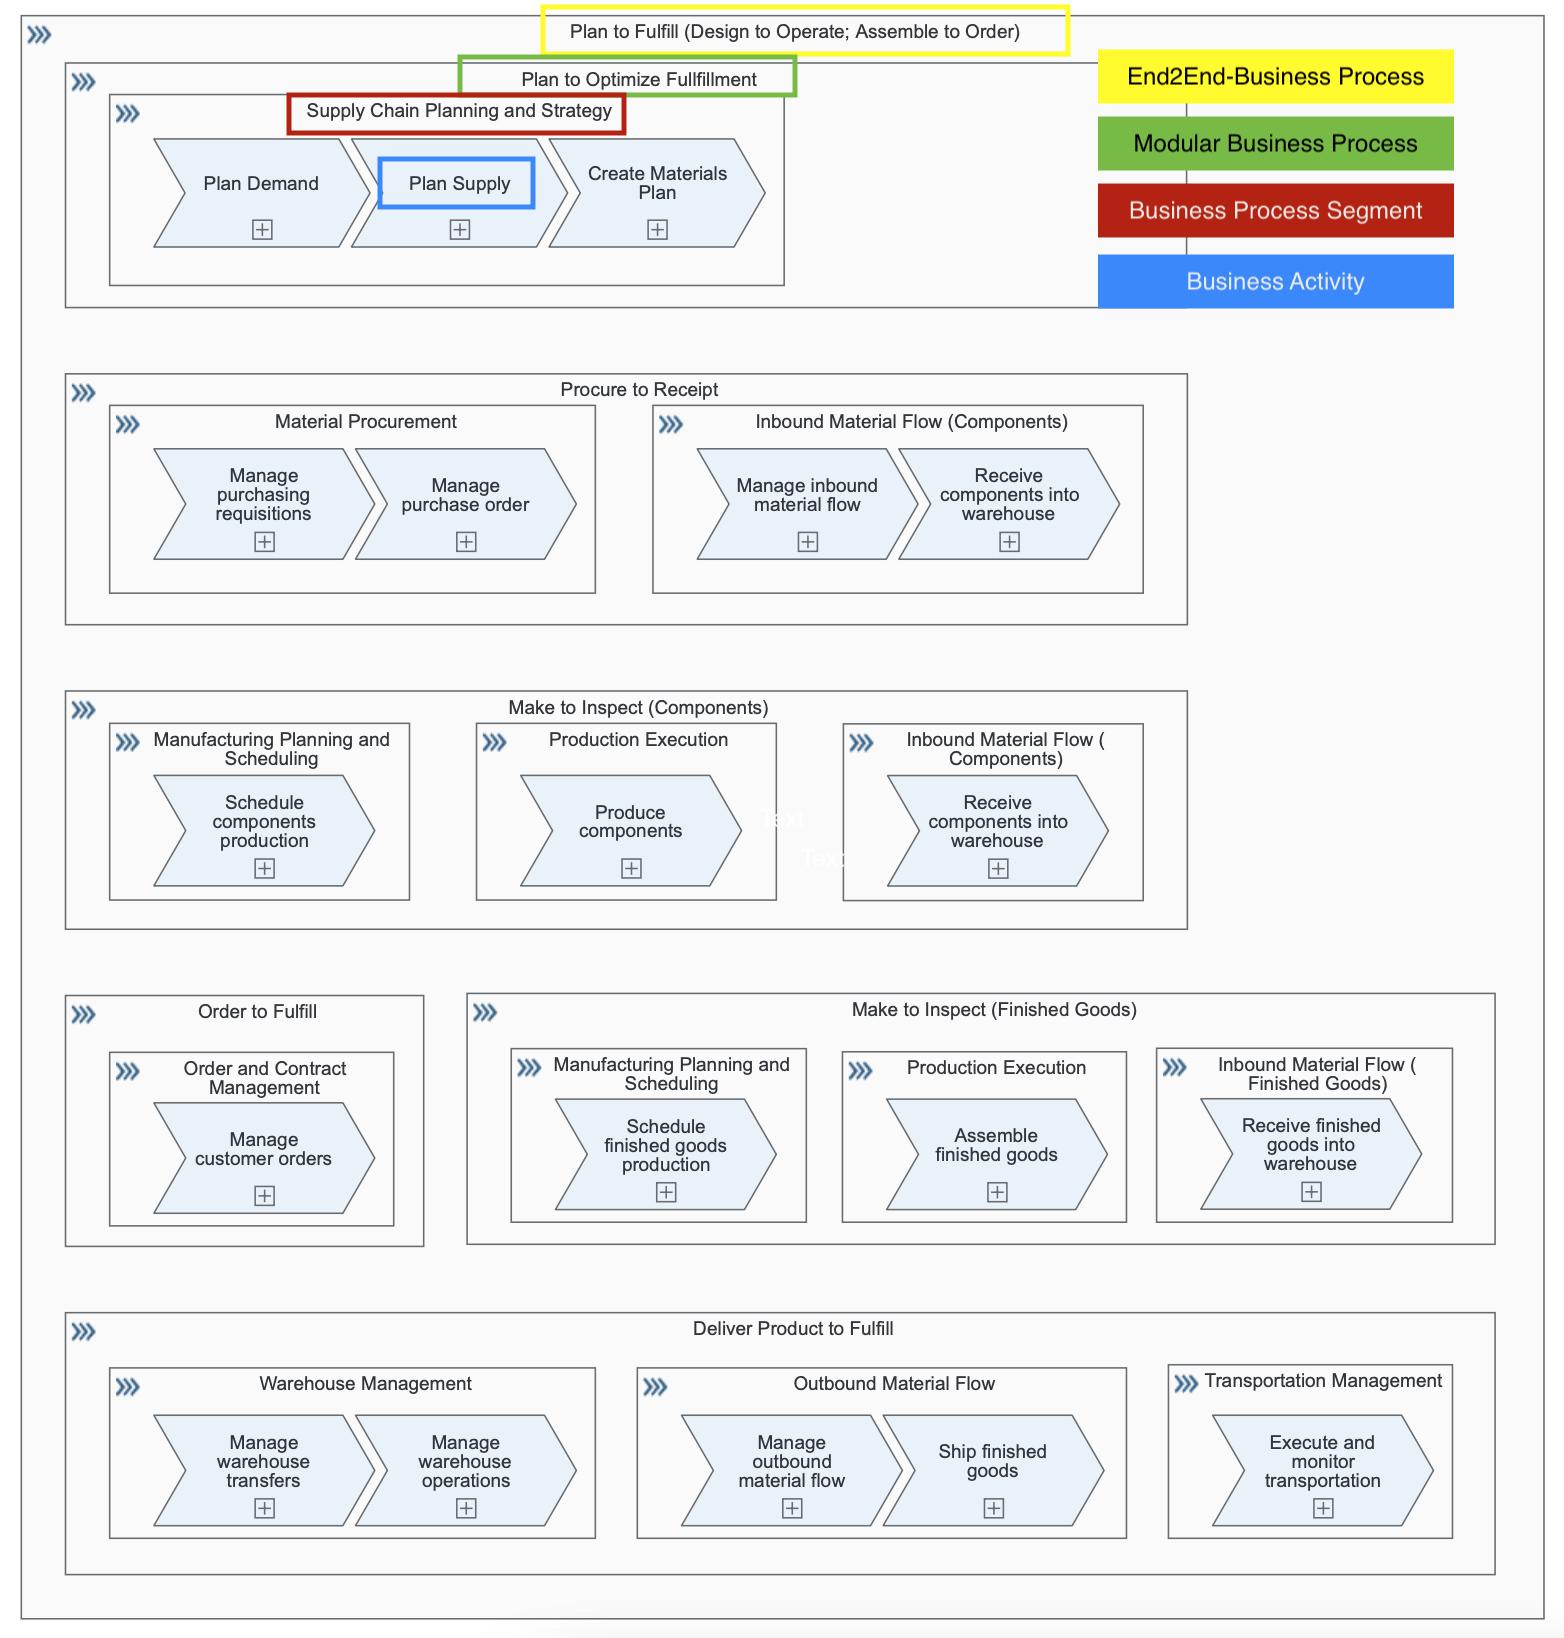 P2F%20-%20Value-Flow-Diagram